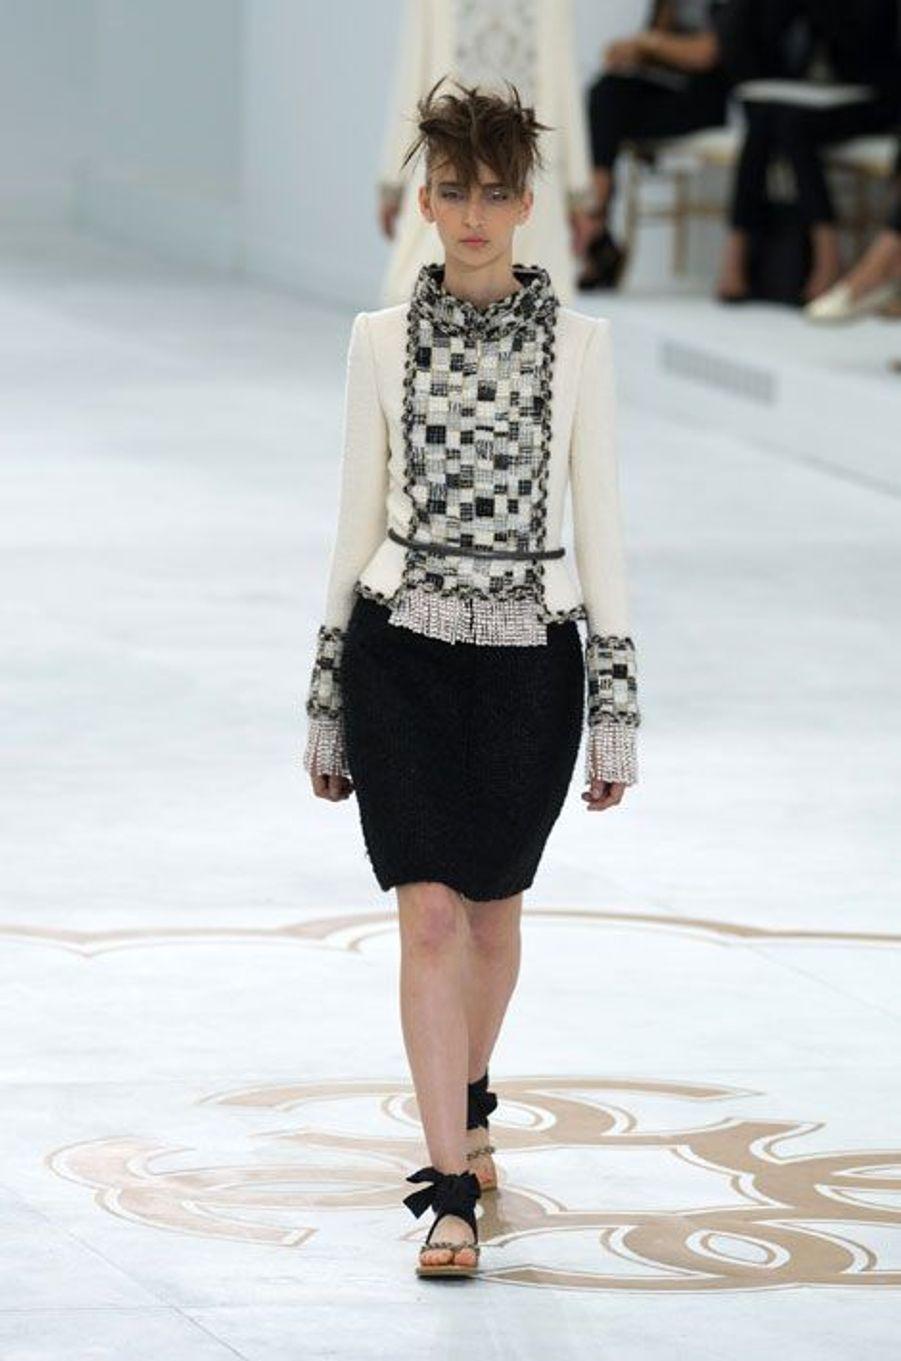 Sous la grande verrière du Grand Palais, KarlLagerfeld a présenté la collection automne-hiver de Chanel, mardi. Dans un décors épuré et blanc hivernal, les silhouettes des mannequins se sont fait sages. Les cols sont sont hauts, les broderies abondantes, les manches longues protègent les bras de la rigueur du froid, et l'extravagance n'est pas de mise pour les modèles de robes et de jupes, rarement au-dessus du genou et dans les tons noir, blanc, rouge, or ou bleu. Les tailleurs en tweed ont traditionnellement débuté l'événement, et pour la clôture, le créateur allemand a invitéun mannequin enceinte pour revêtir la robe de mariée Chanel, à la longue traîne et à l'inspiration plutôt baroque.